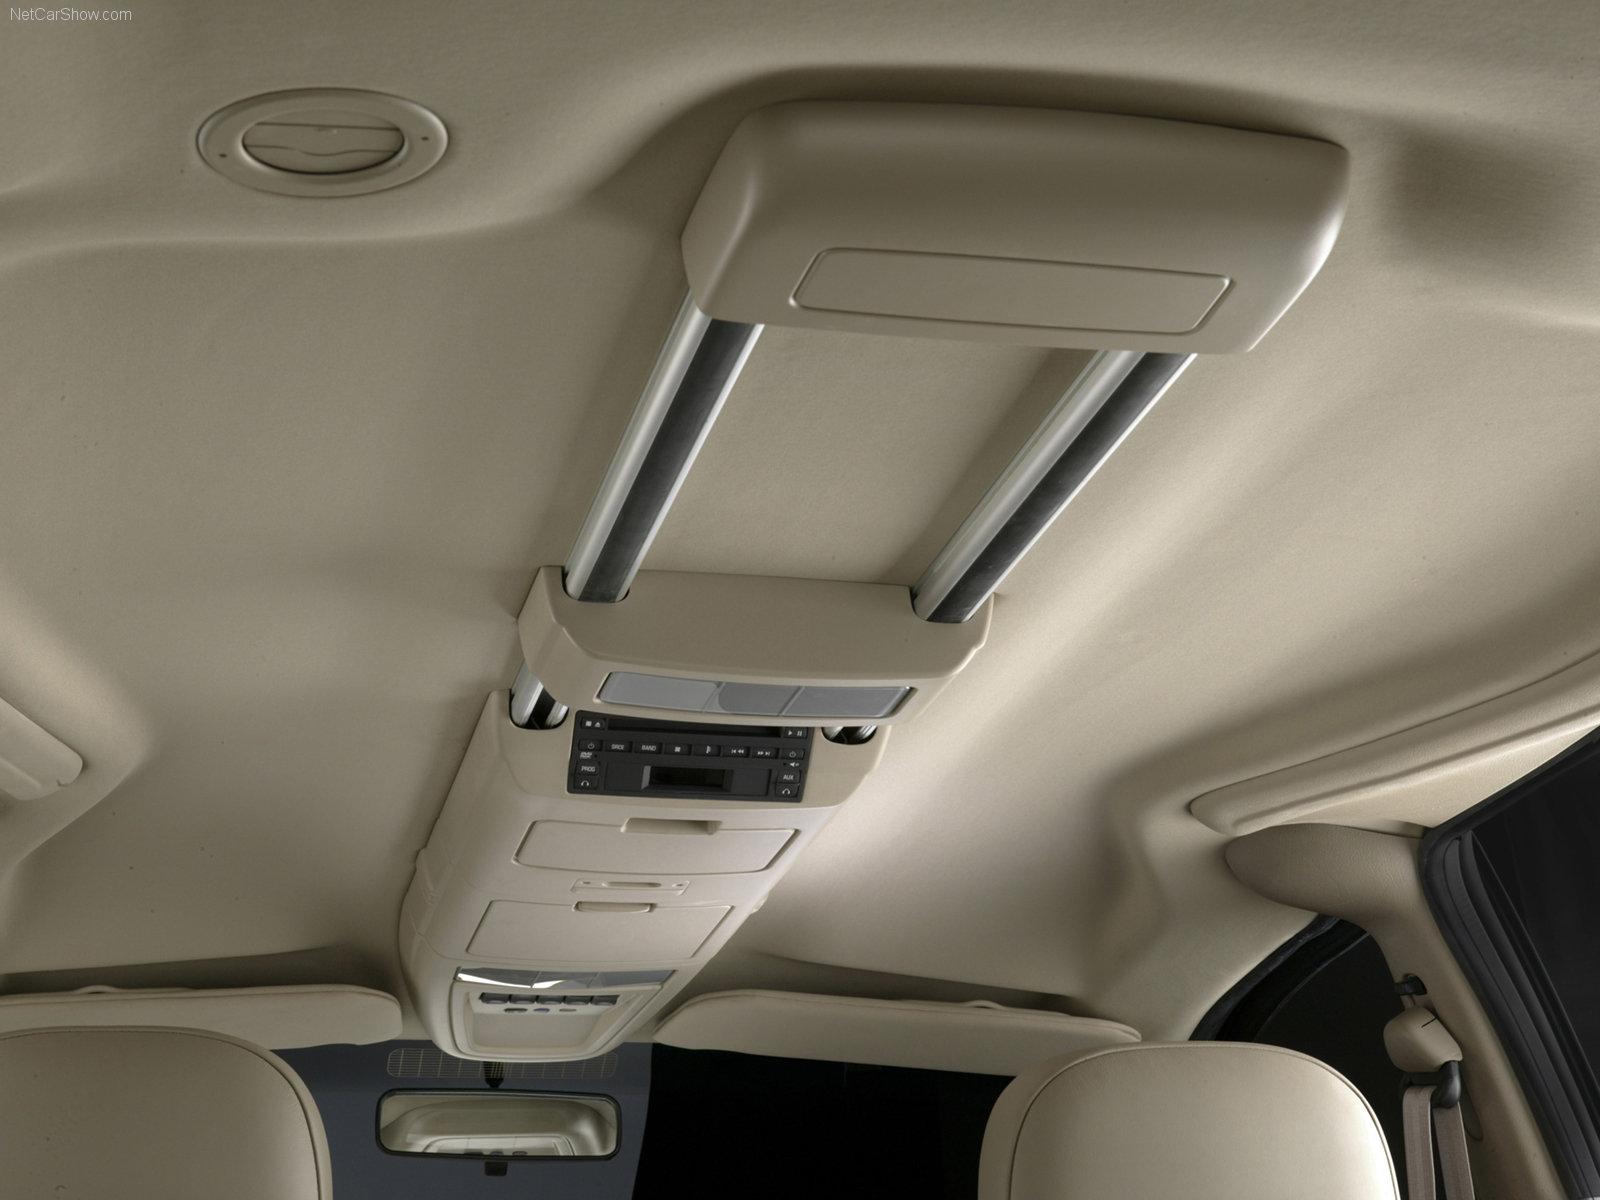 Hình ảnh xe ô tô Saturn Relay 2005 & nội ngoại thất